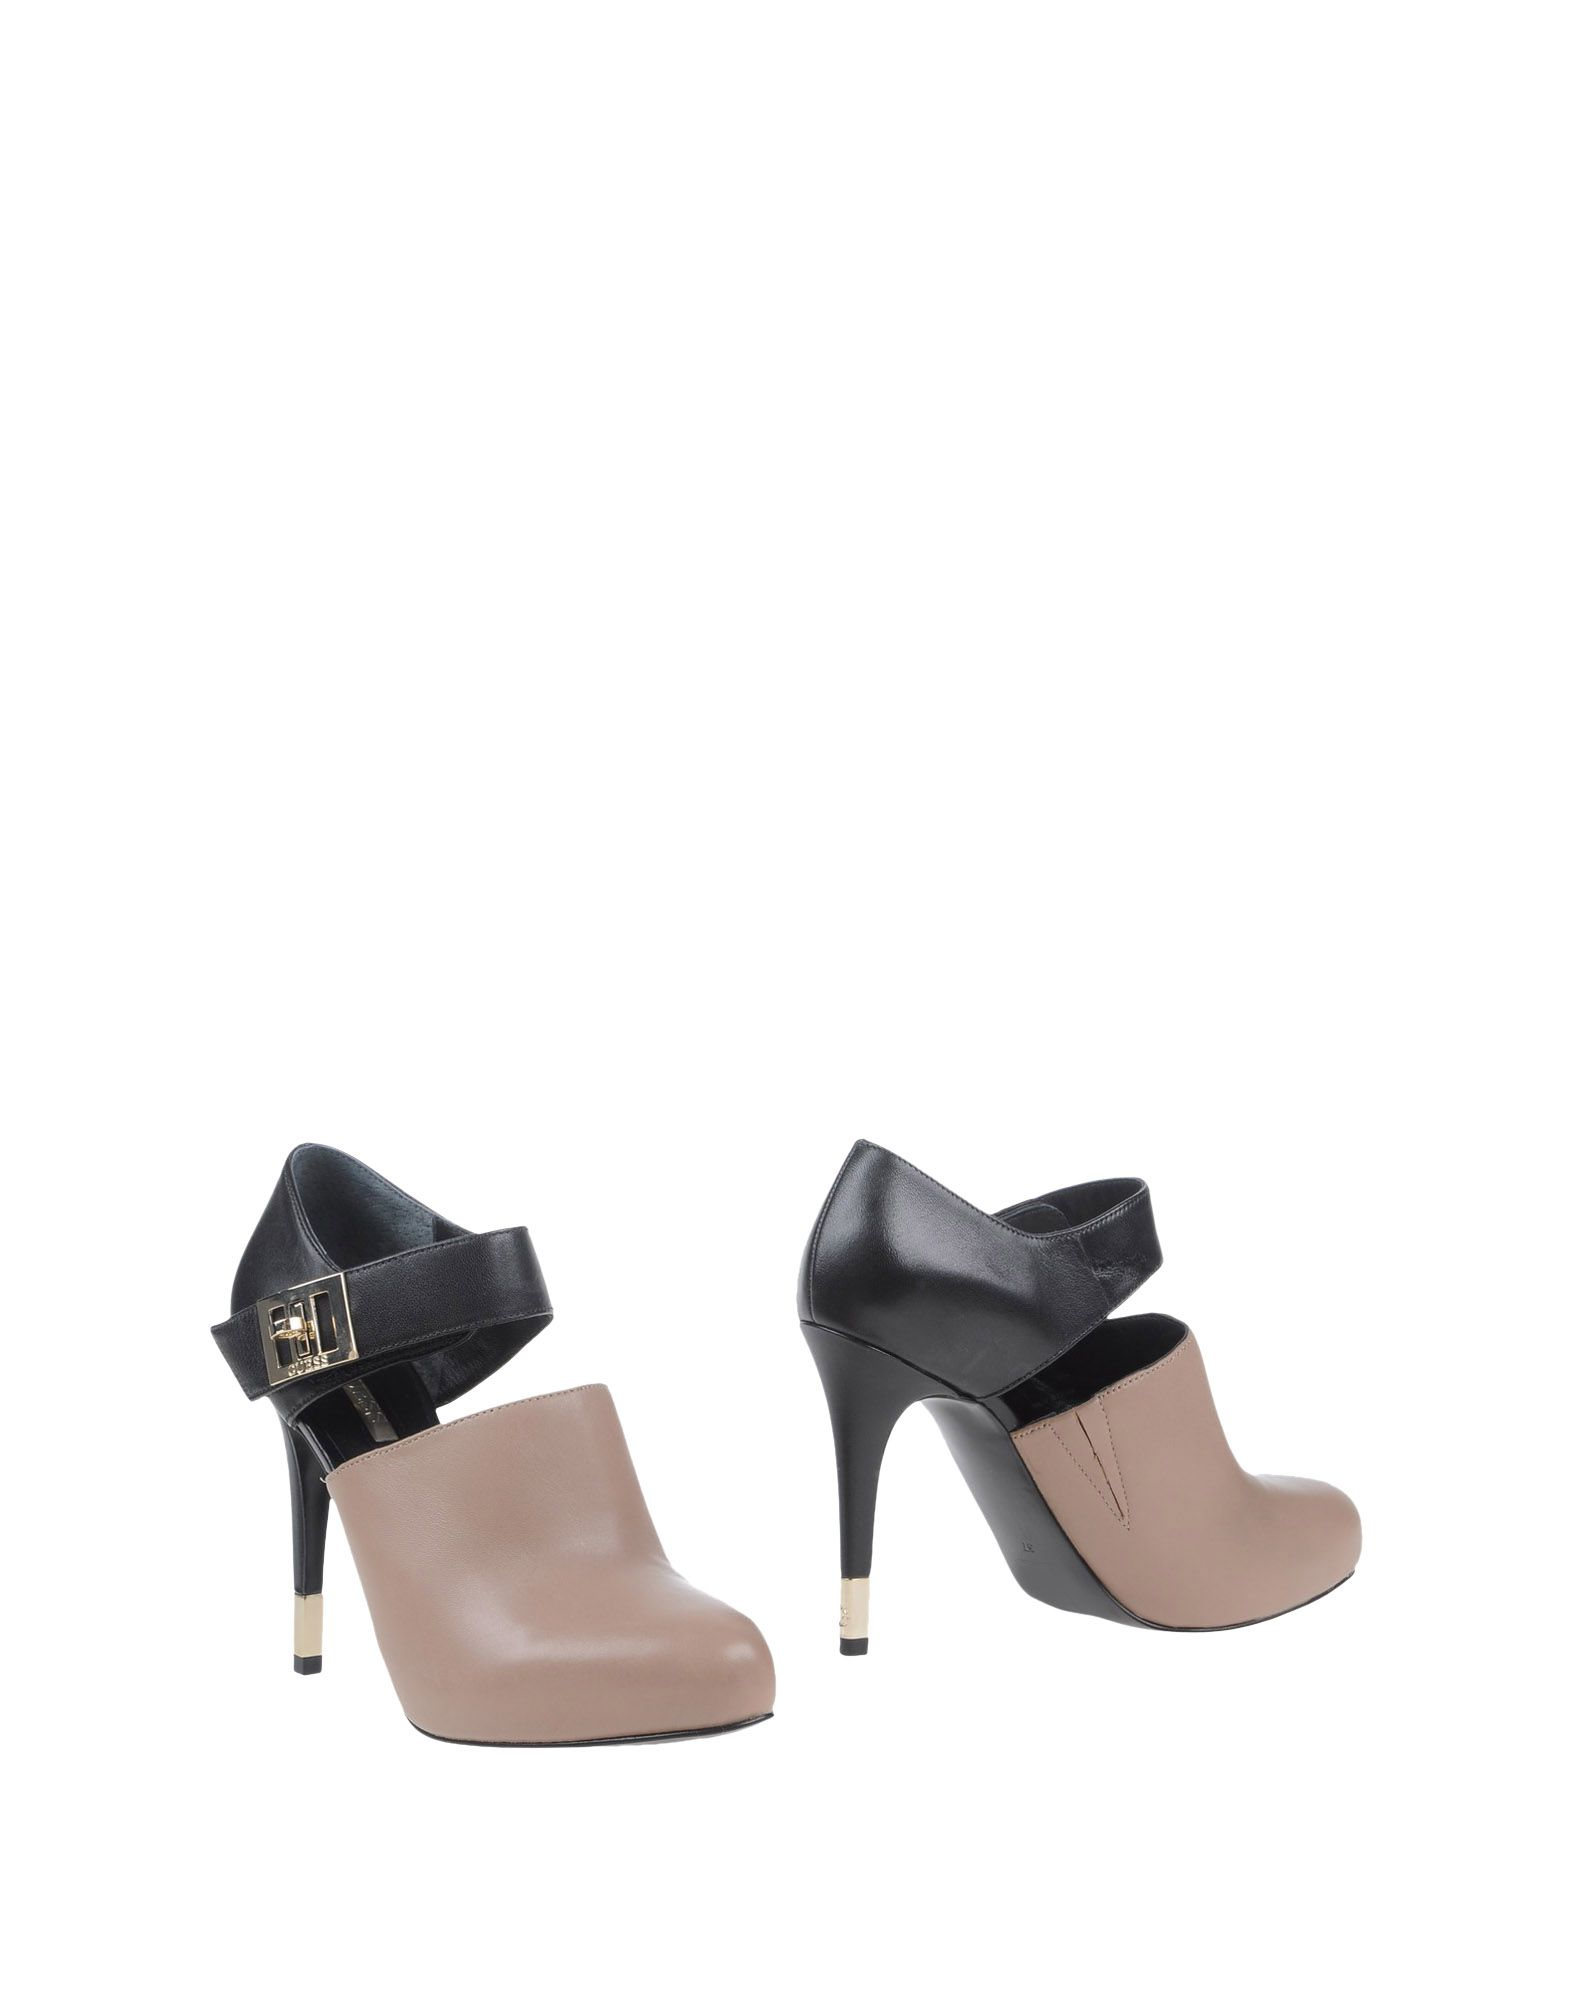 Guess Stiefelette Damen beliebte  11040336AG Gute Qualität beliebte Damen Schuhe 6b0dca